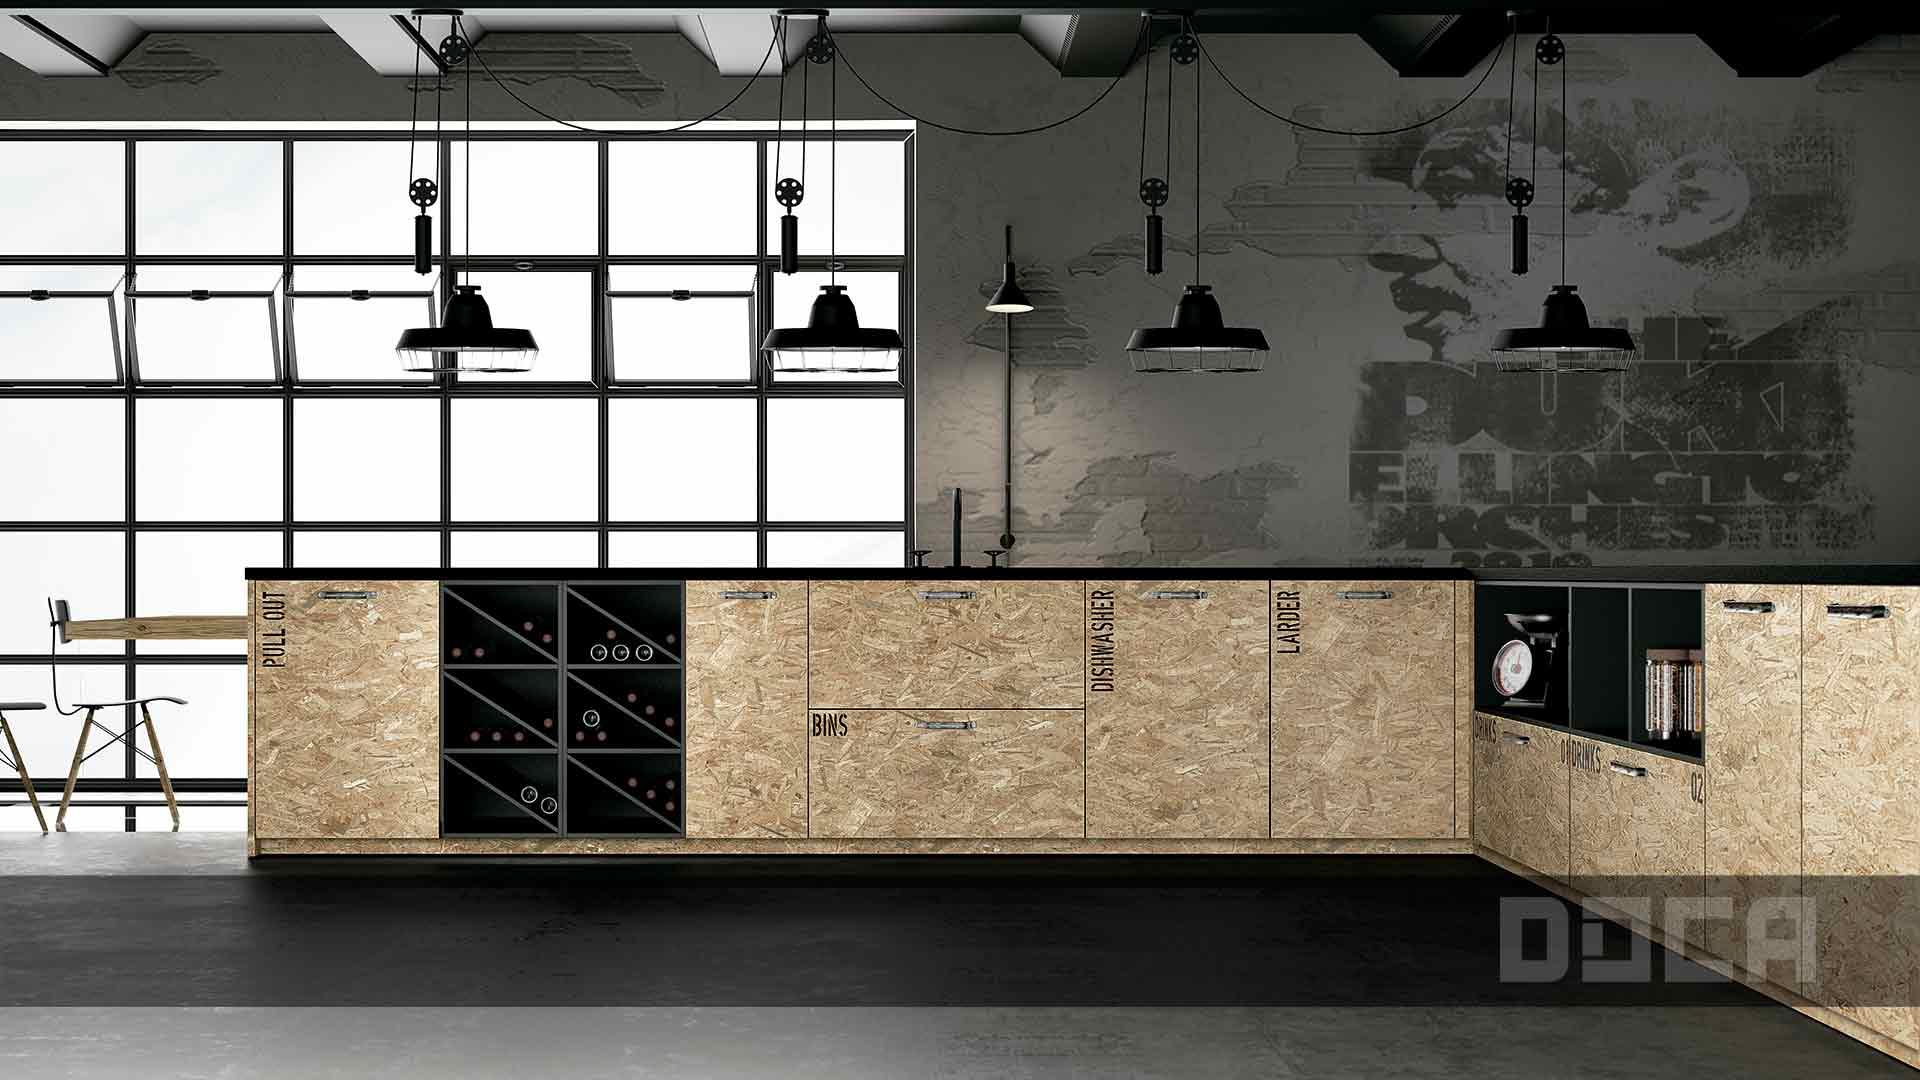 Cocina Aglomerado craft doca 1920x1080 1 1